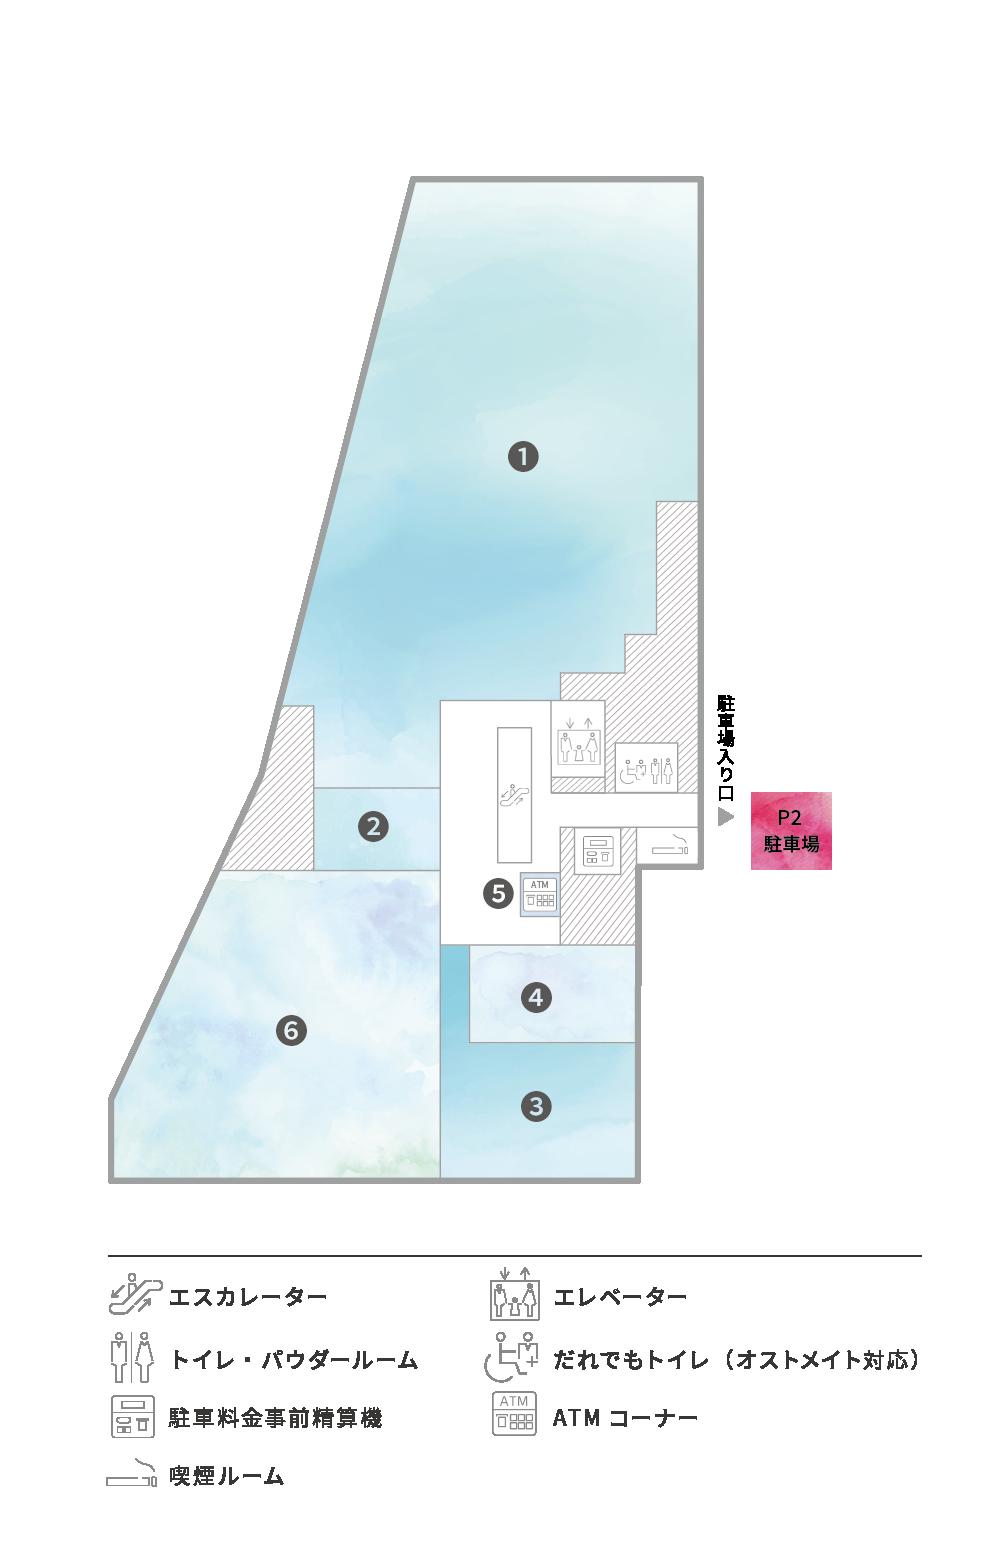 2F Floor Guide